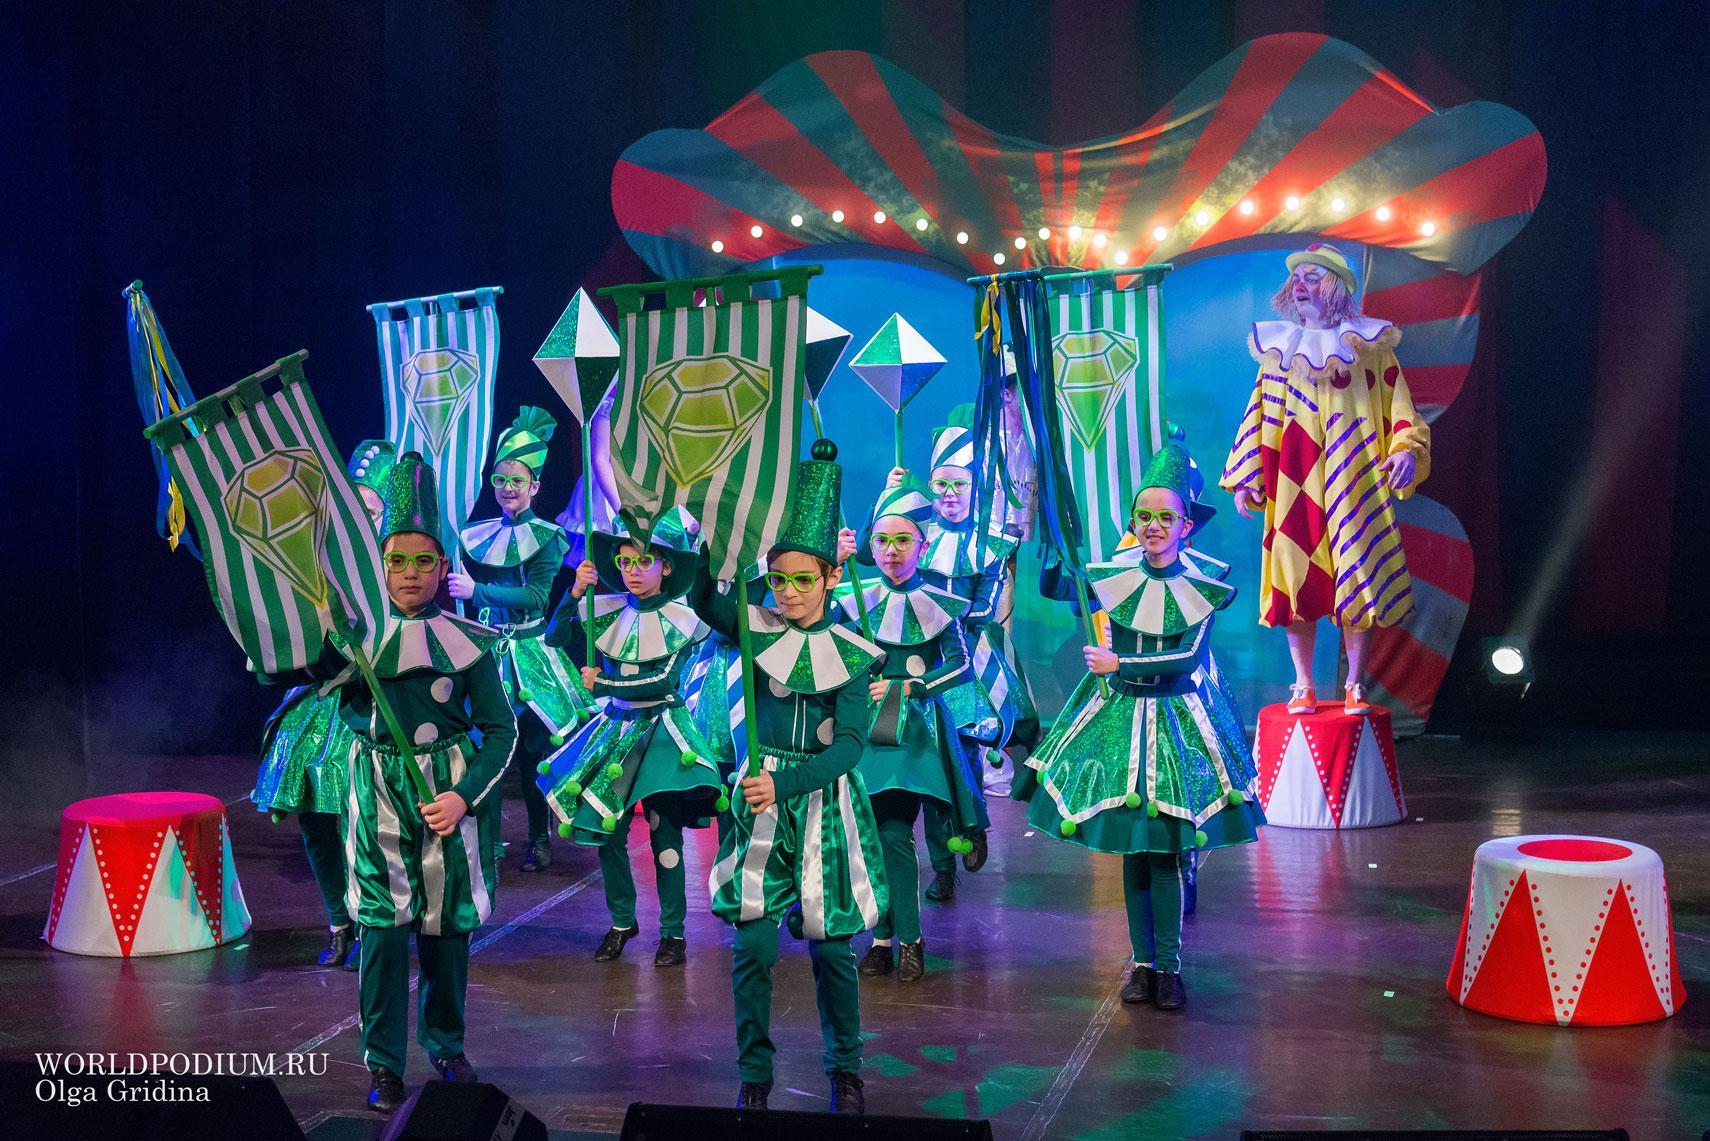 Московский Детский театр эстрады представил новую премьеру. «Волшебник изумрудного города»